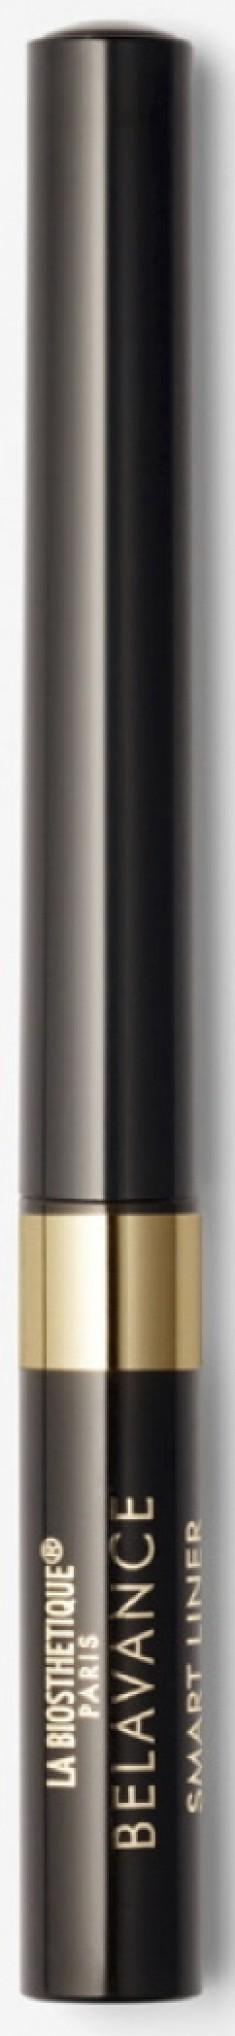 LA BIOSTHETIQUE Подводка водостойкая с фетровой кисточкой, черная / Smart Liner Just Black 1,7 мл